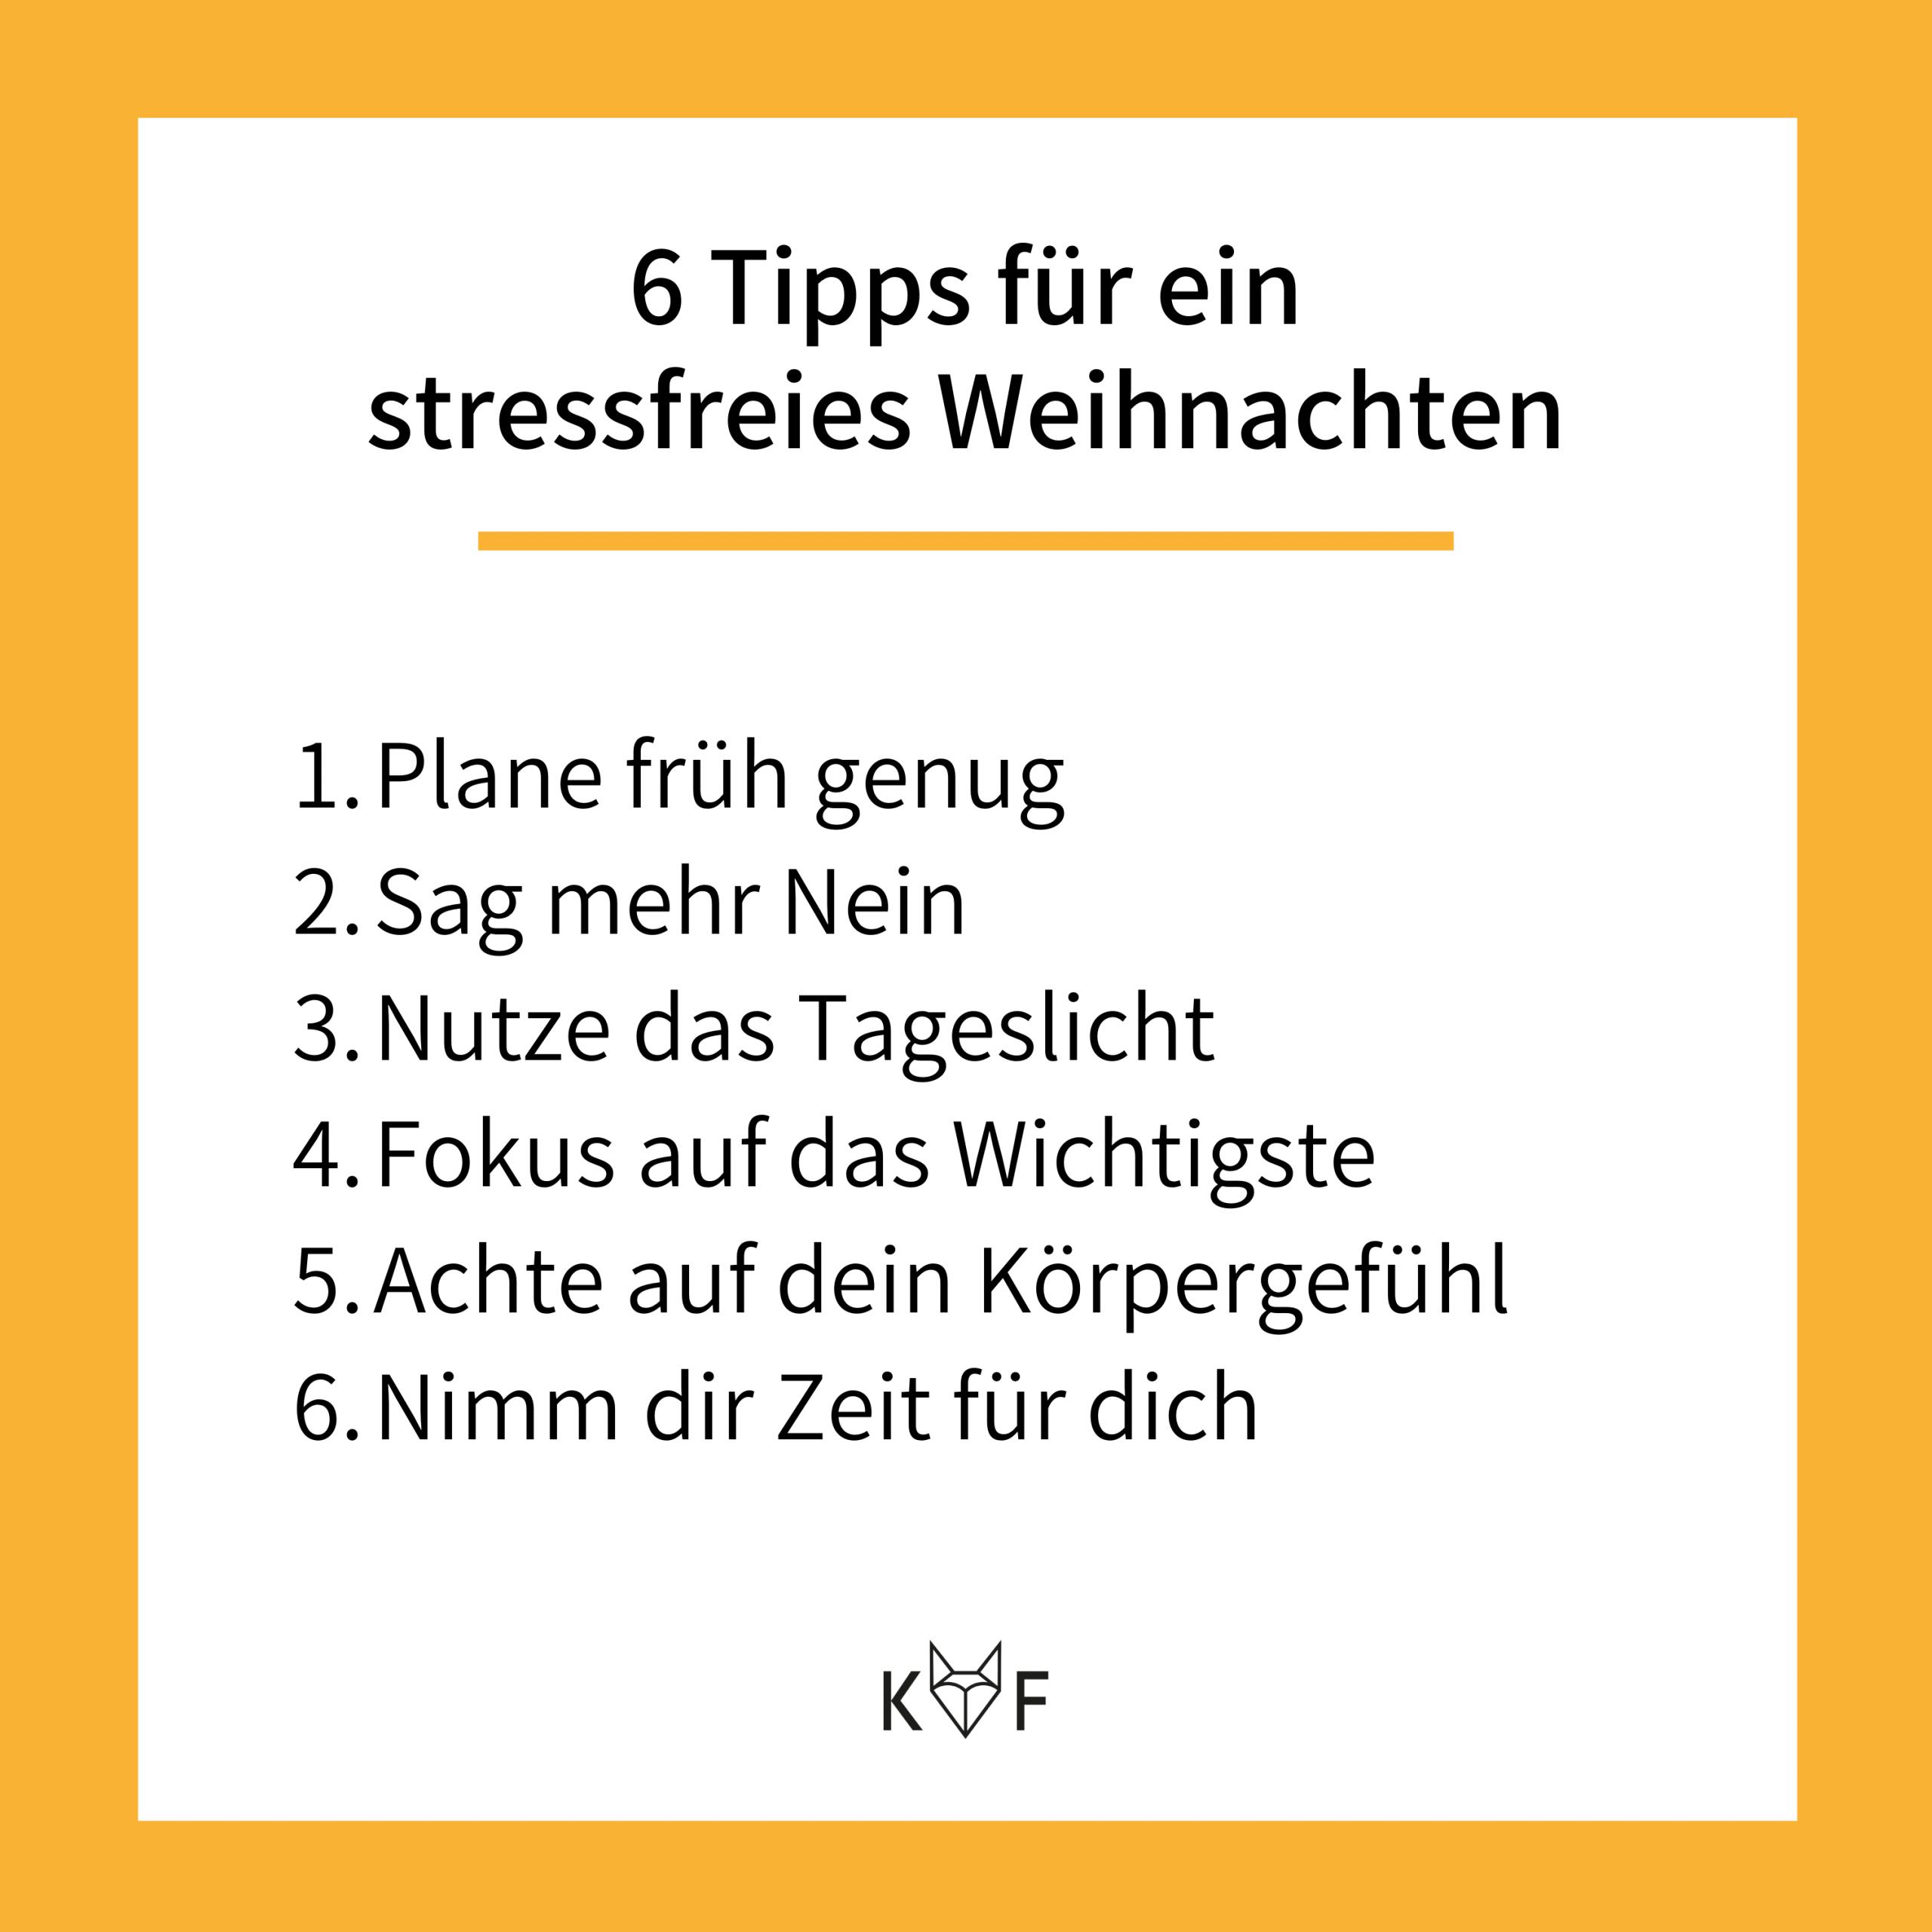 Infografik: 6 Tipps für ein stressfreies Weinachten